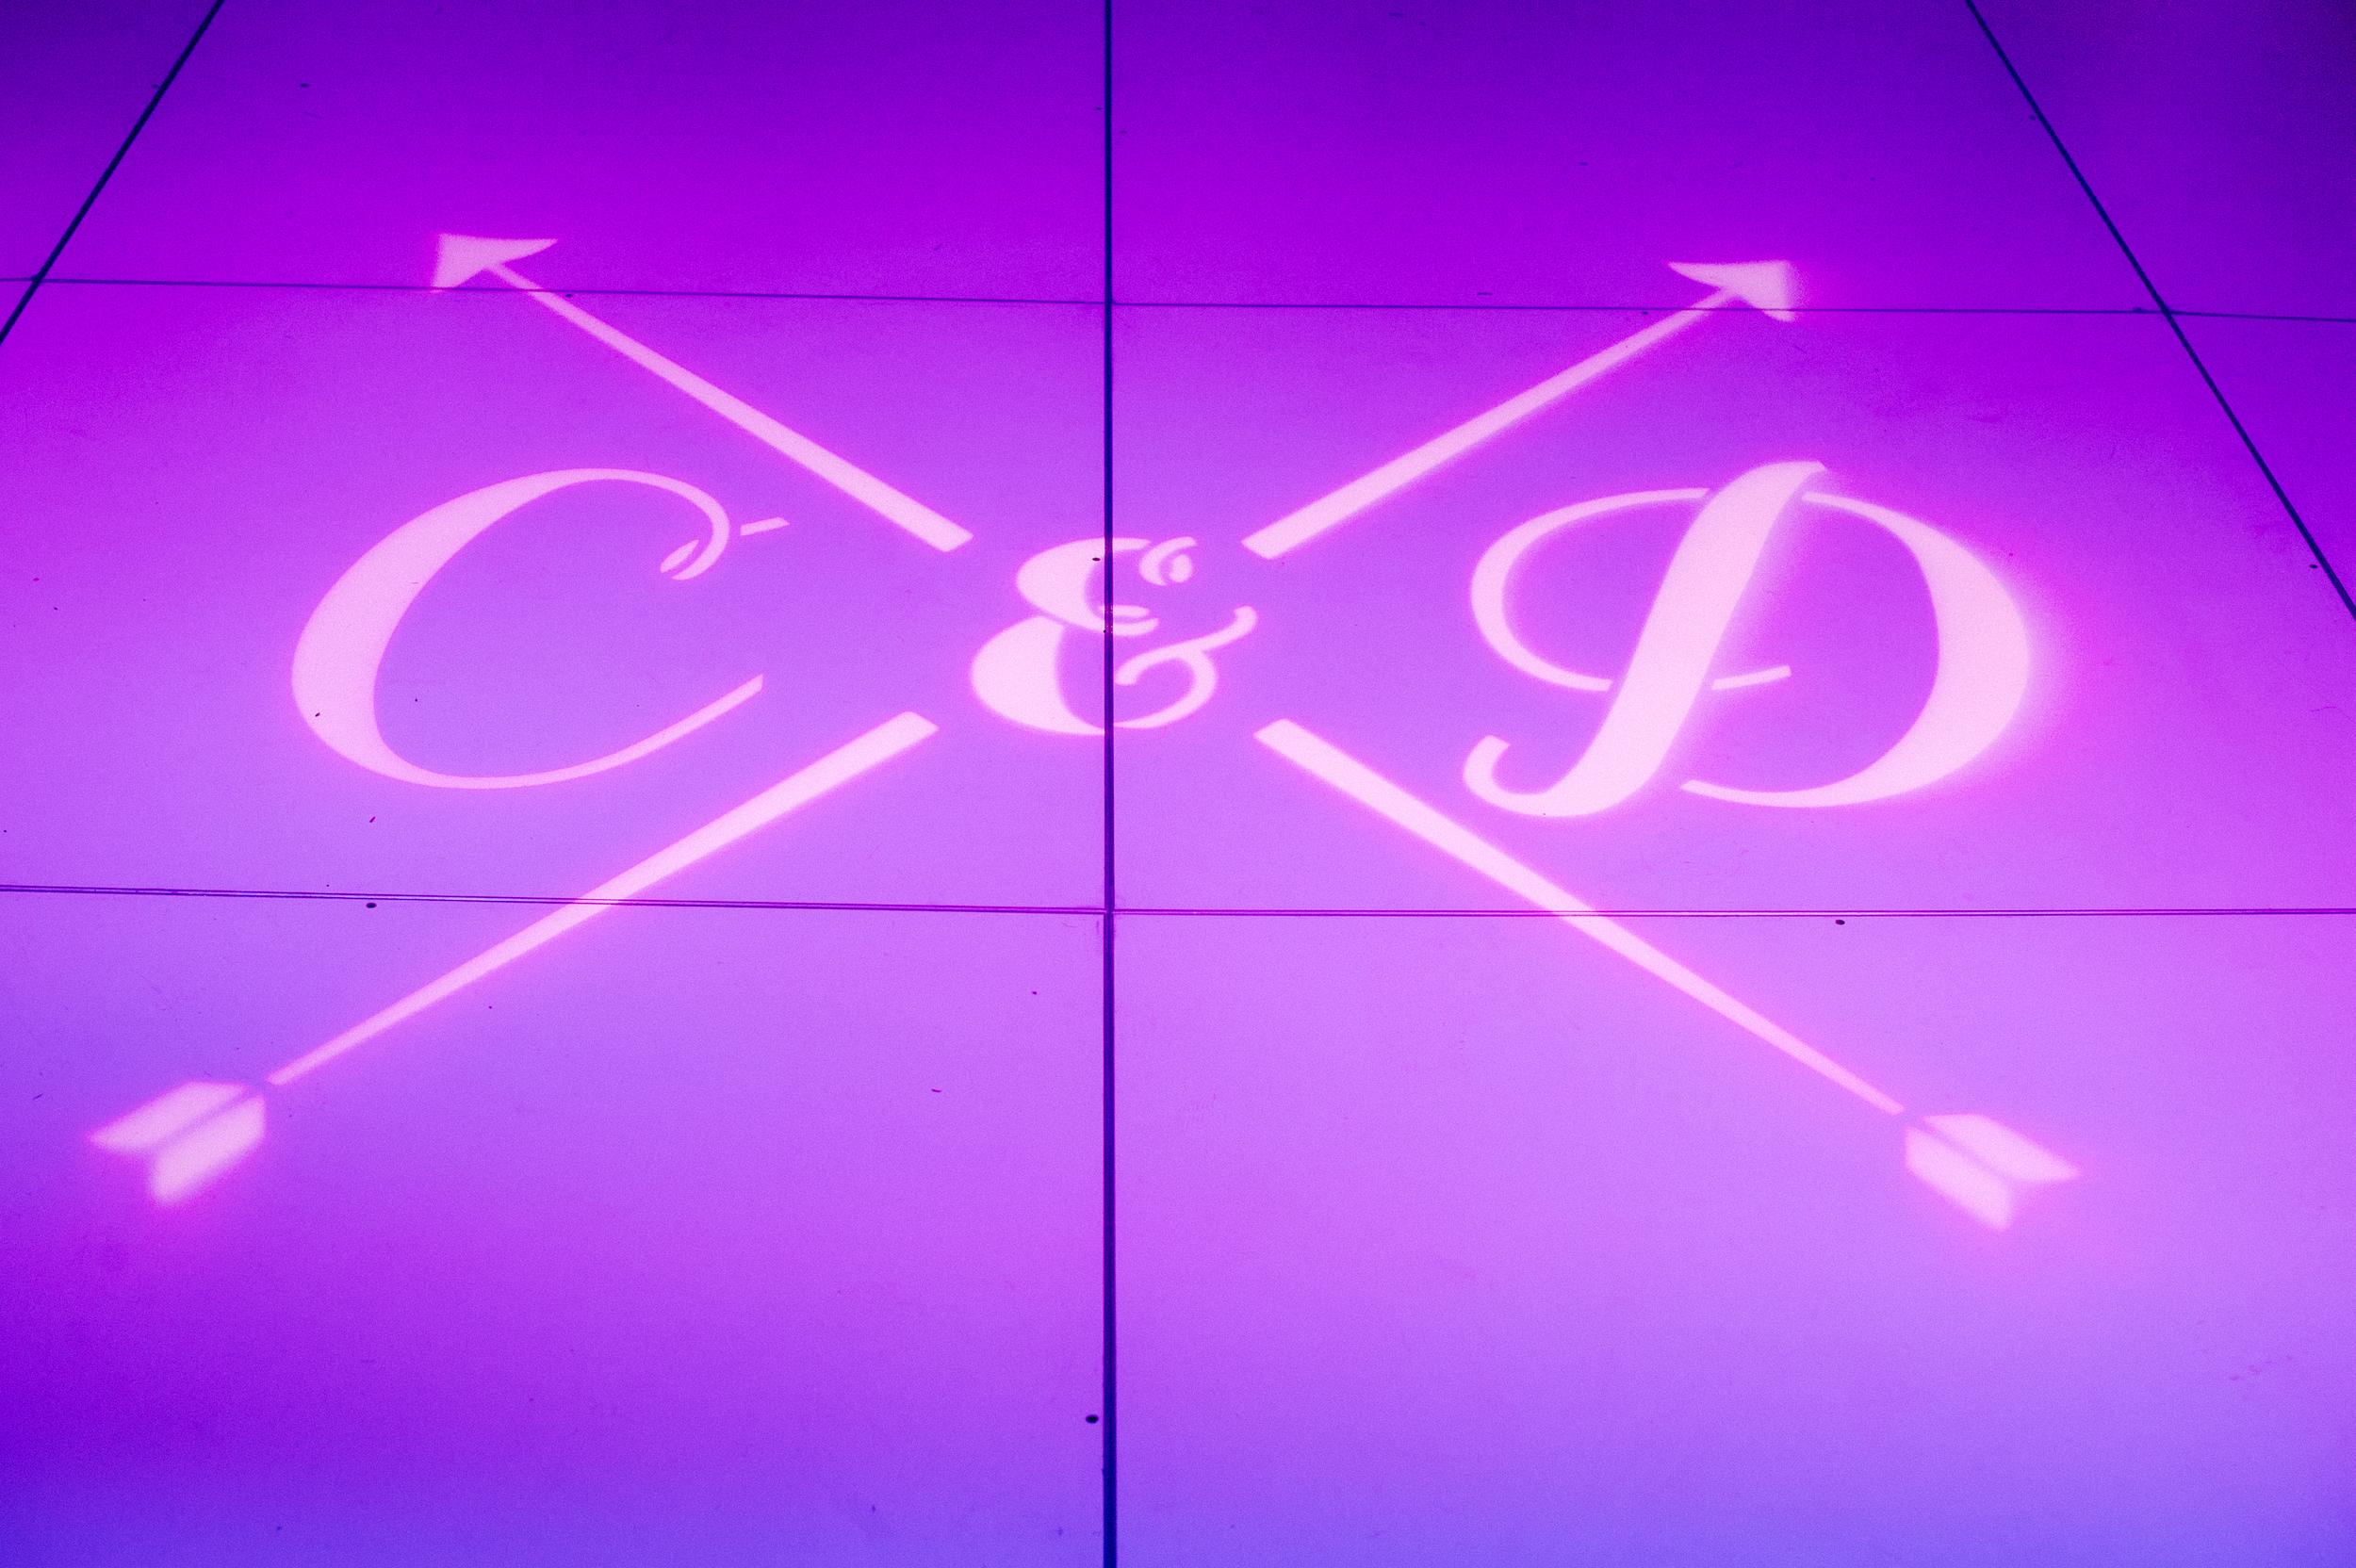 Wedding Monogram Projected Onto Dance Floor